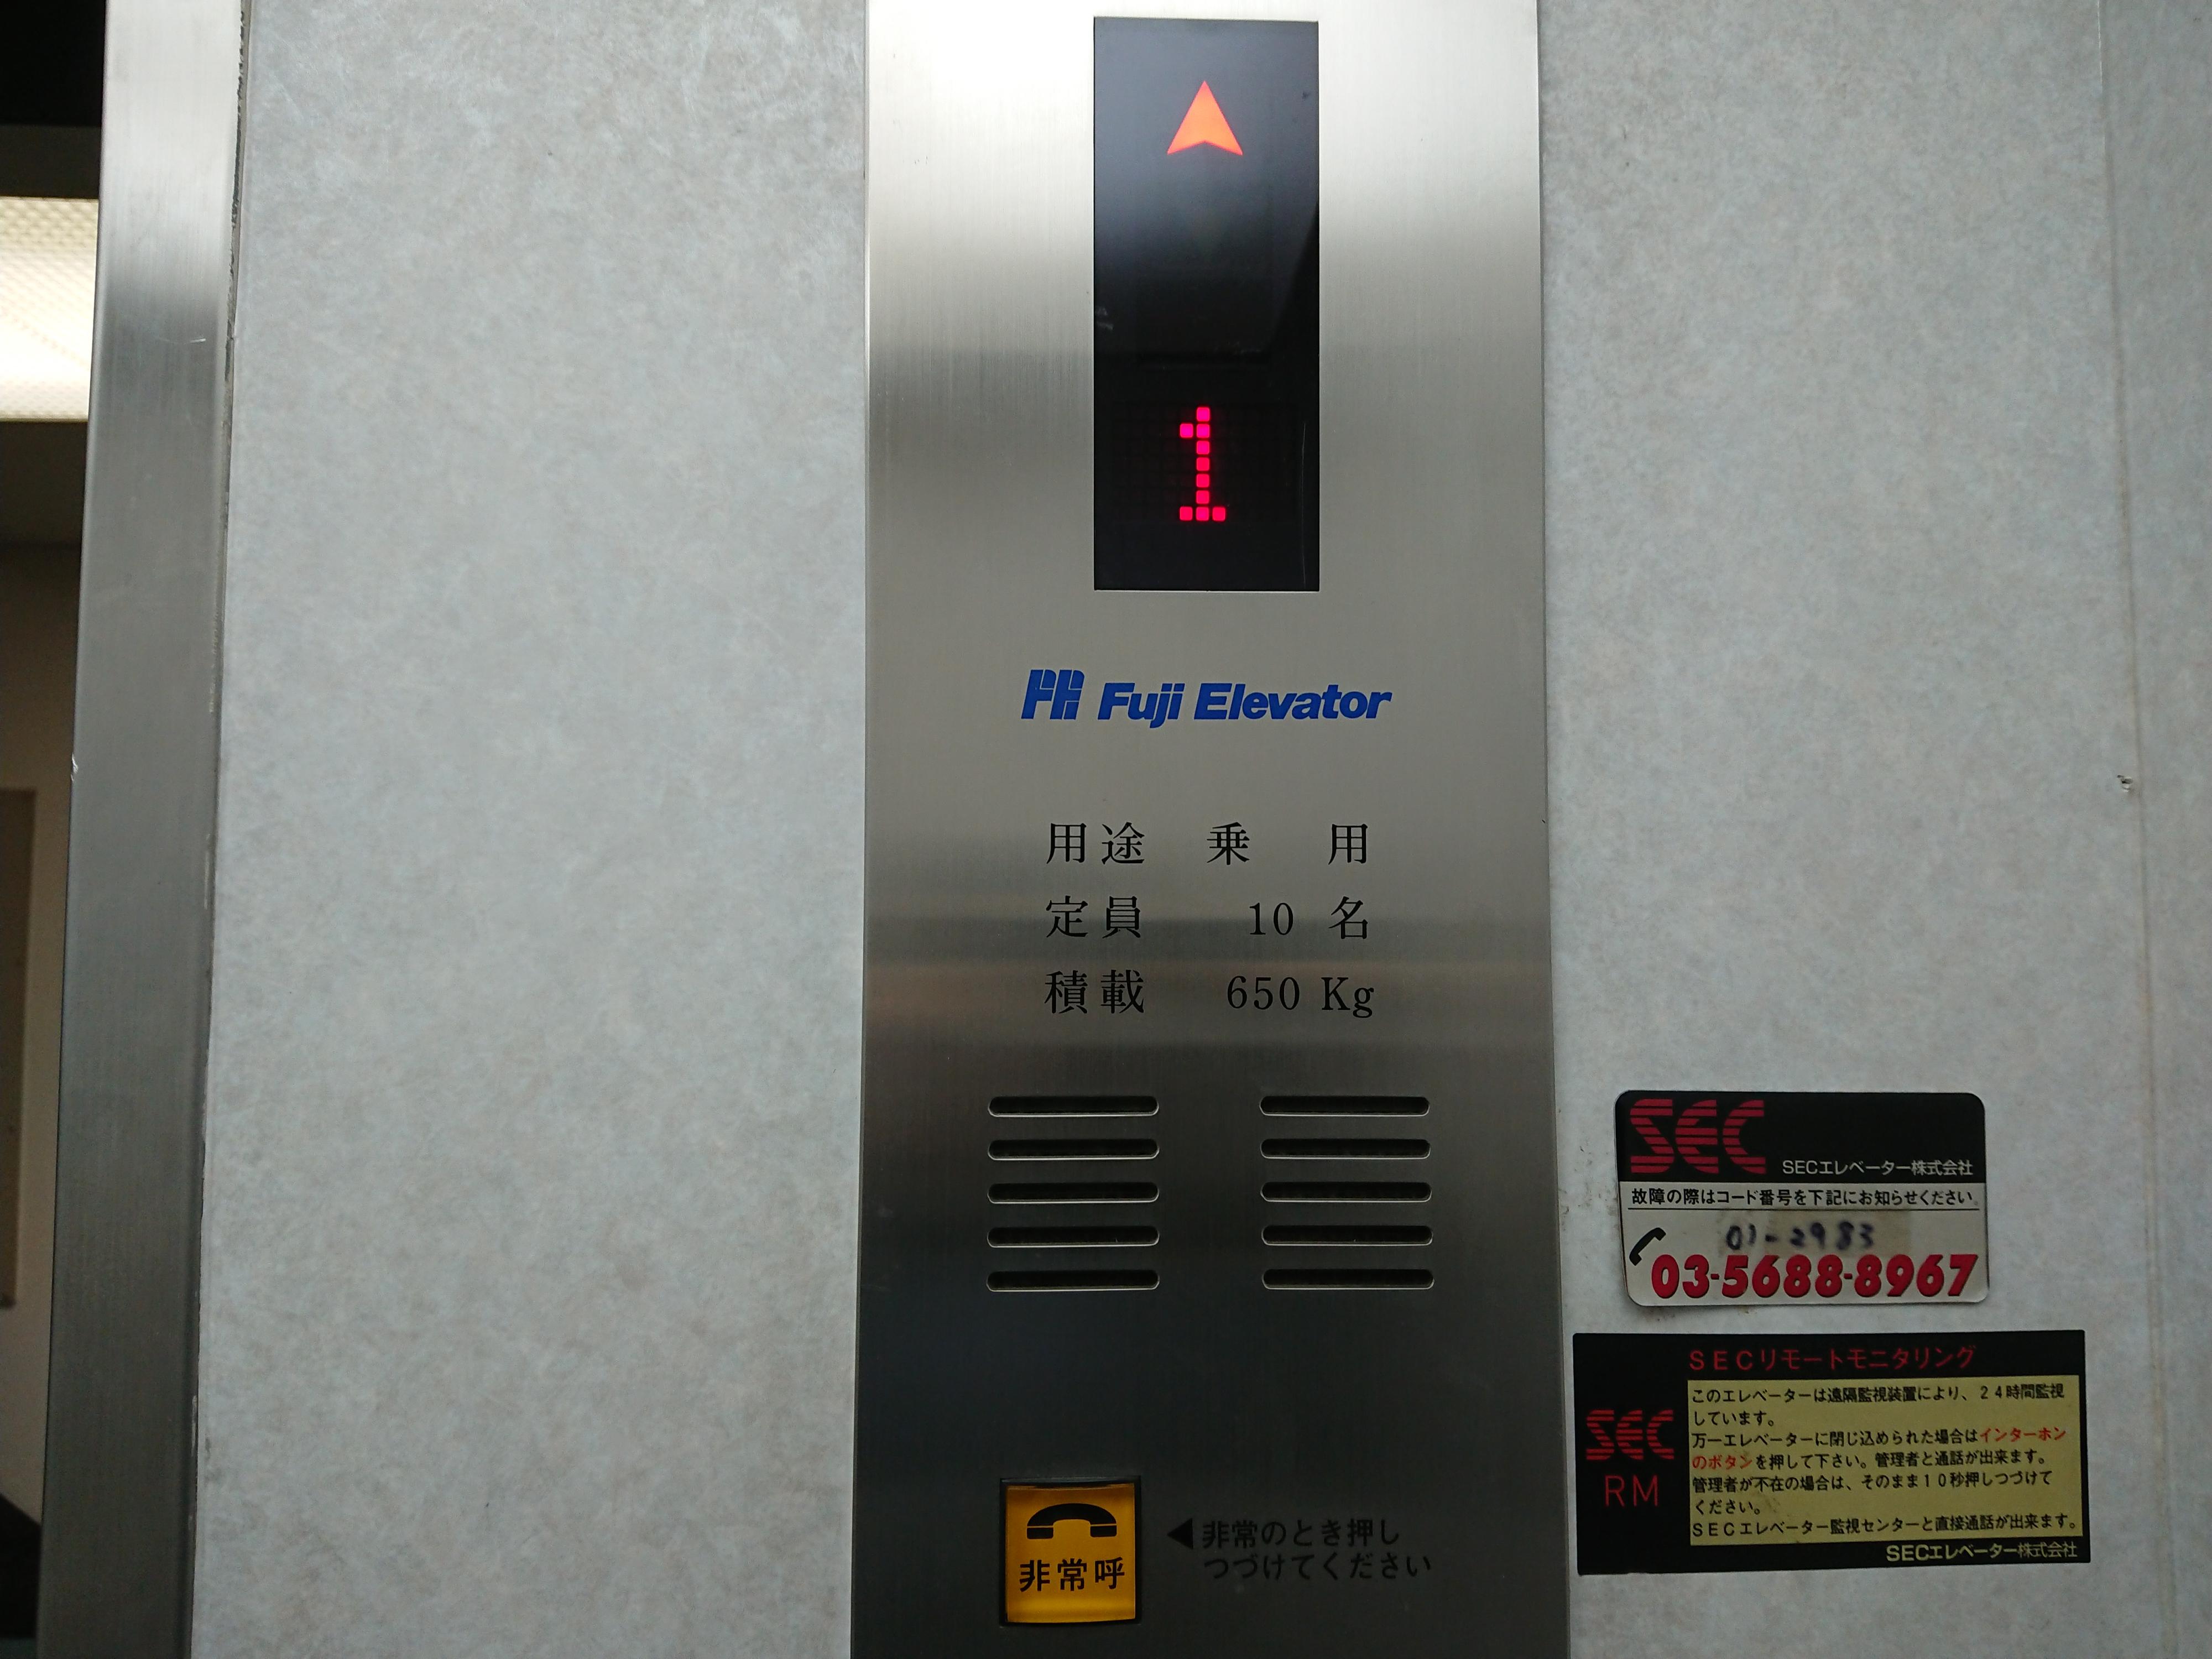 Sec エレベーター